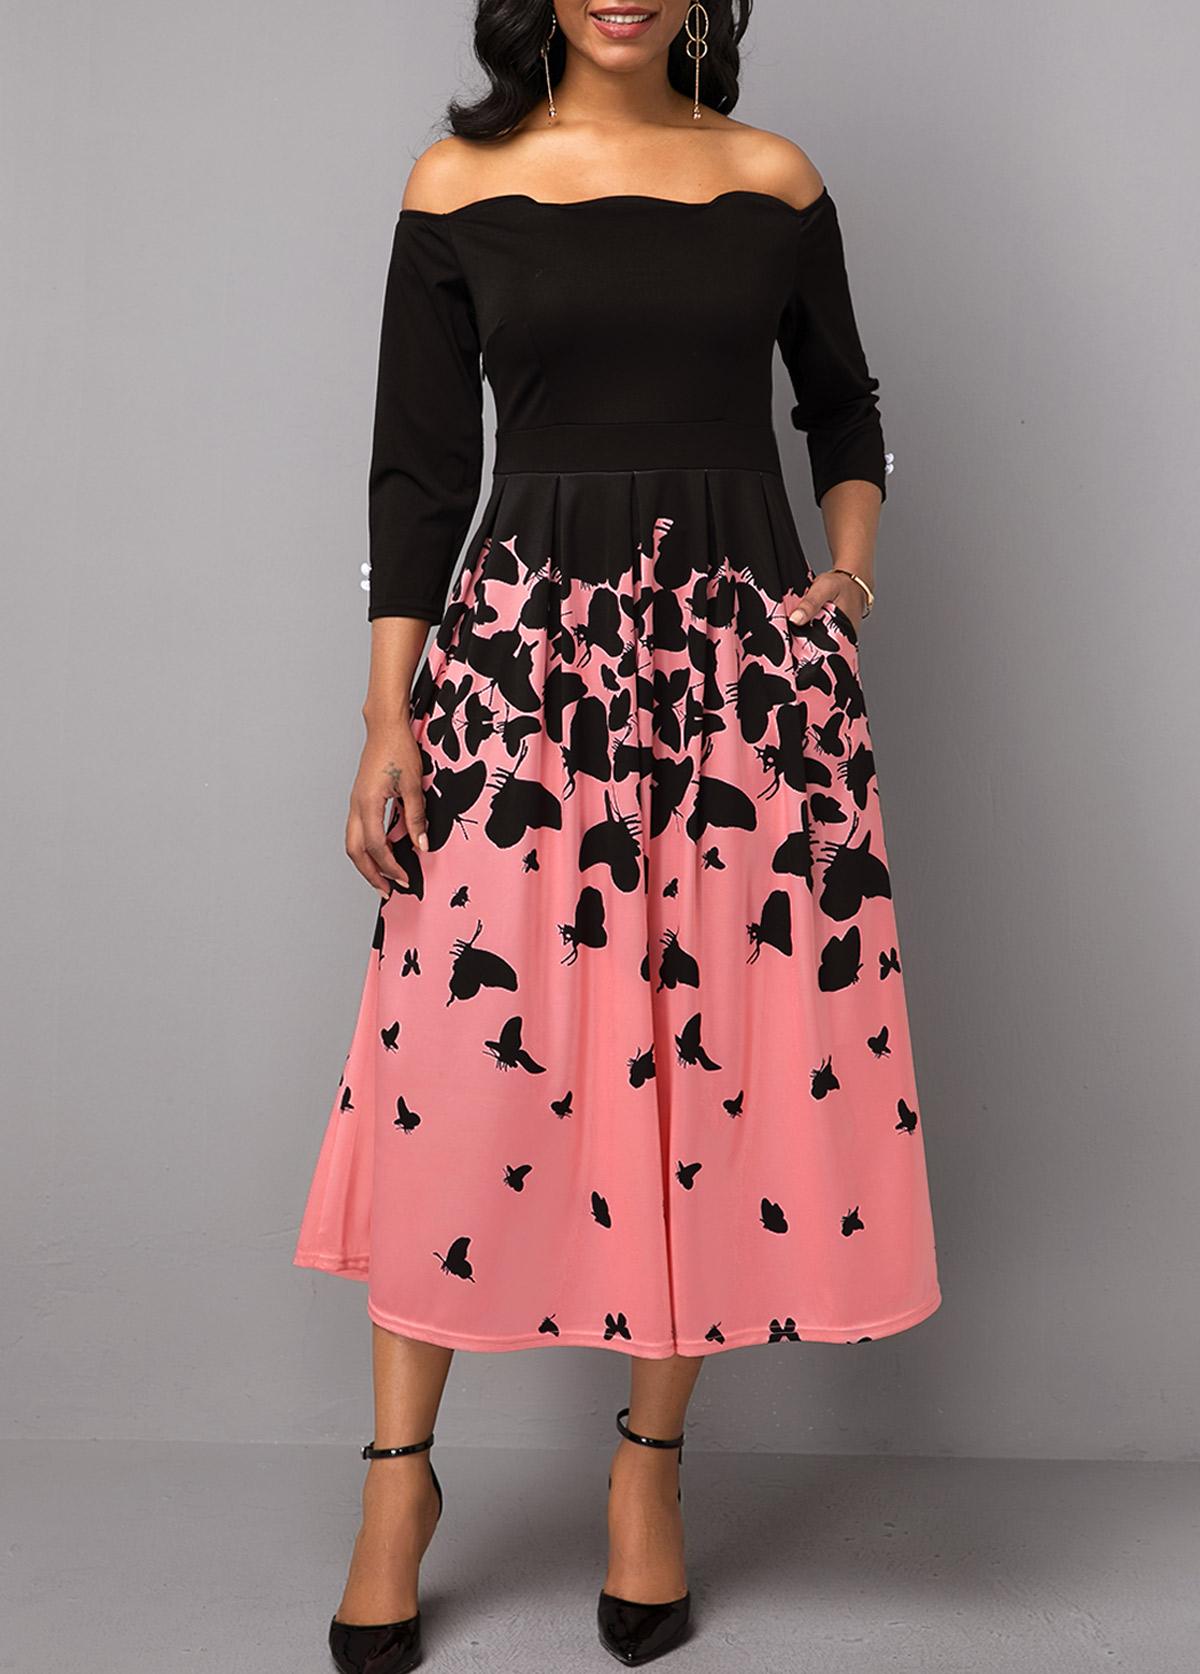 Scalloped Hem Butterfly Print Button Detail Dress